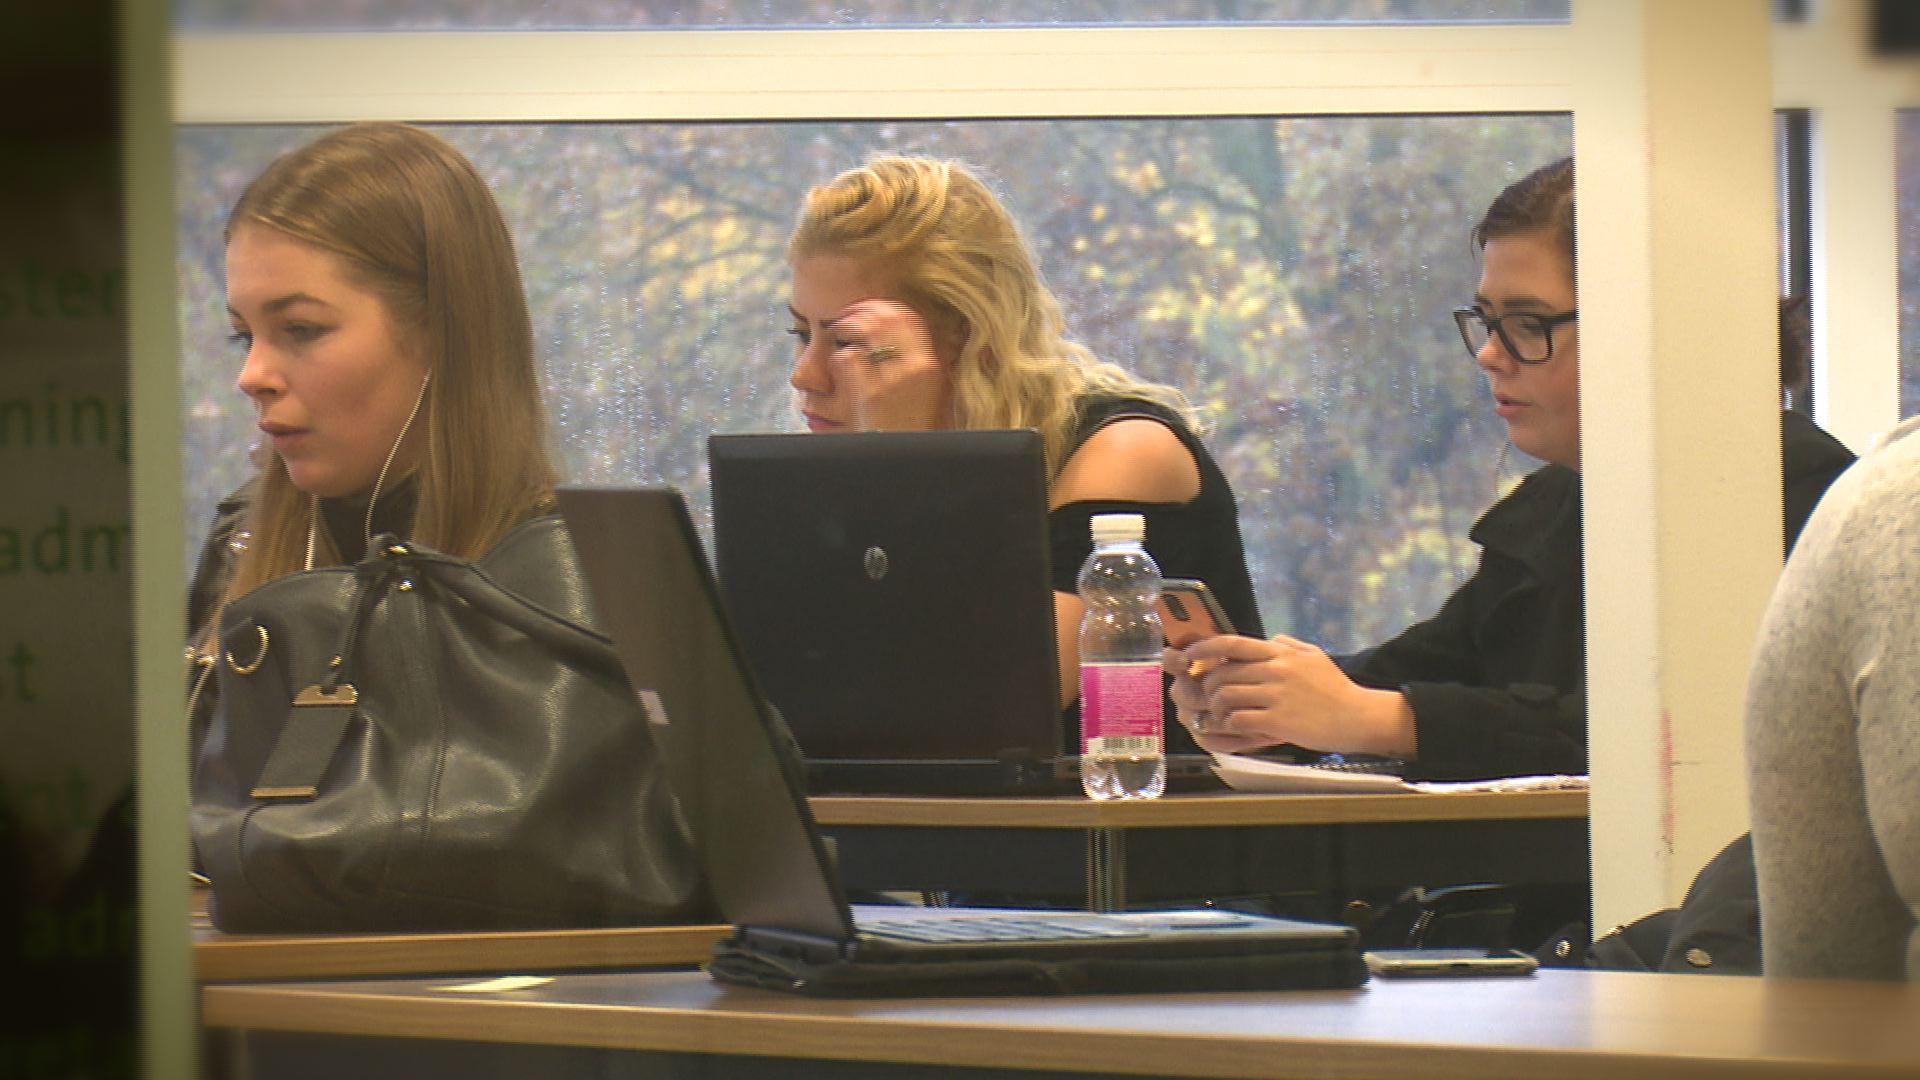 Onderwijsinspectie blijft kritisch op vier MBO opleidingen Landstede